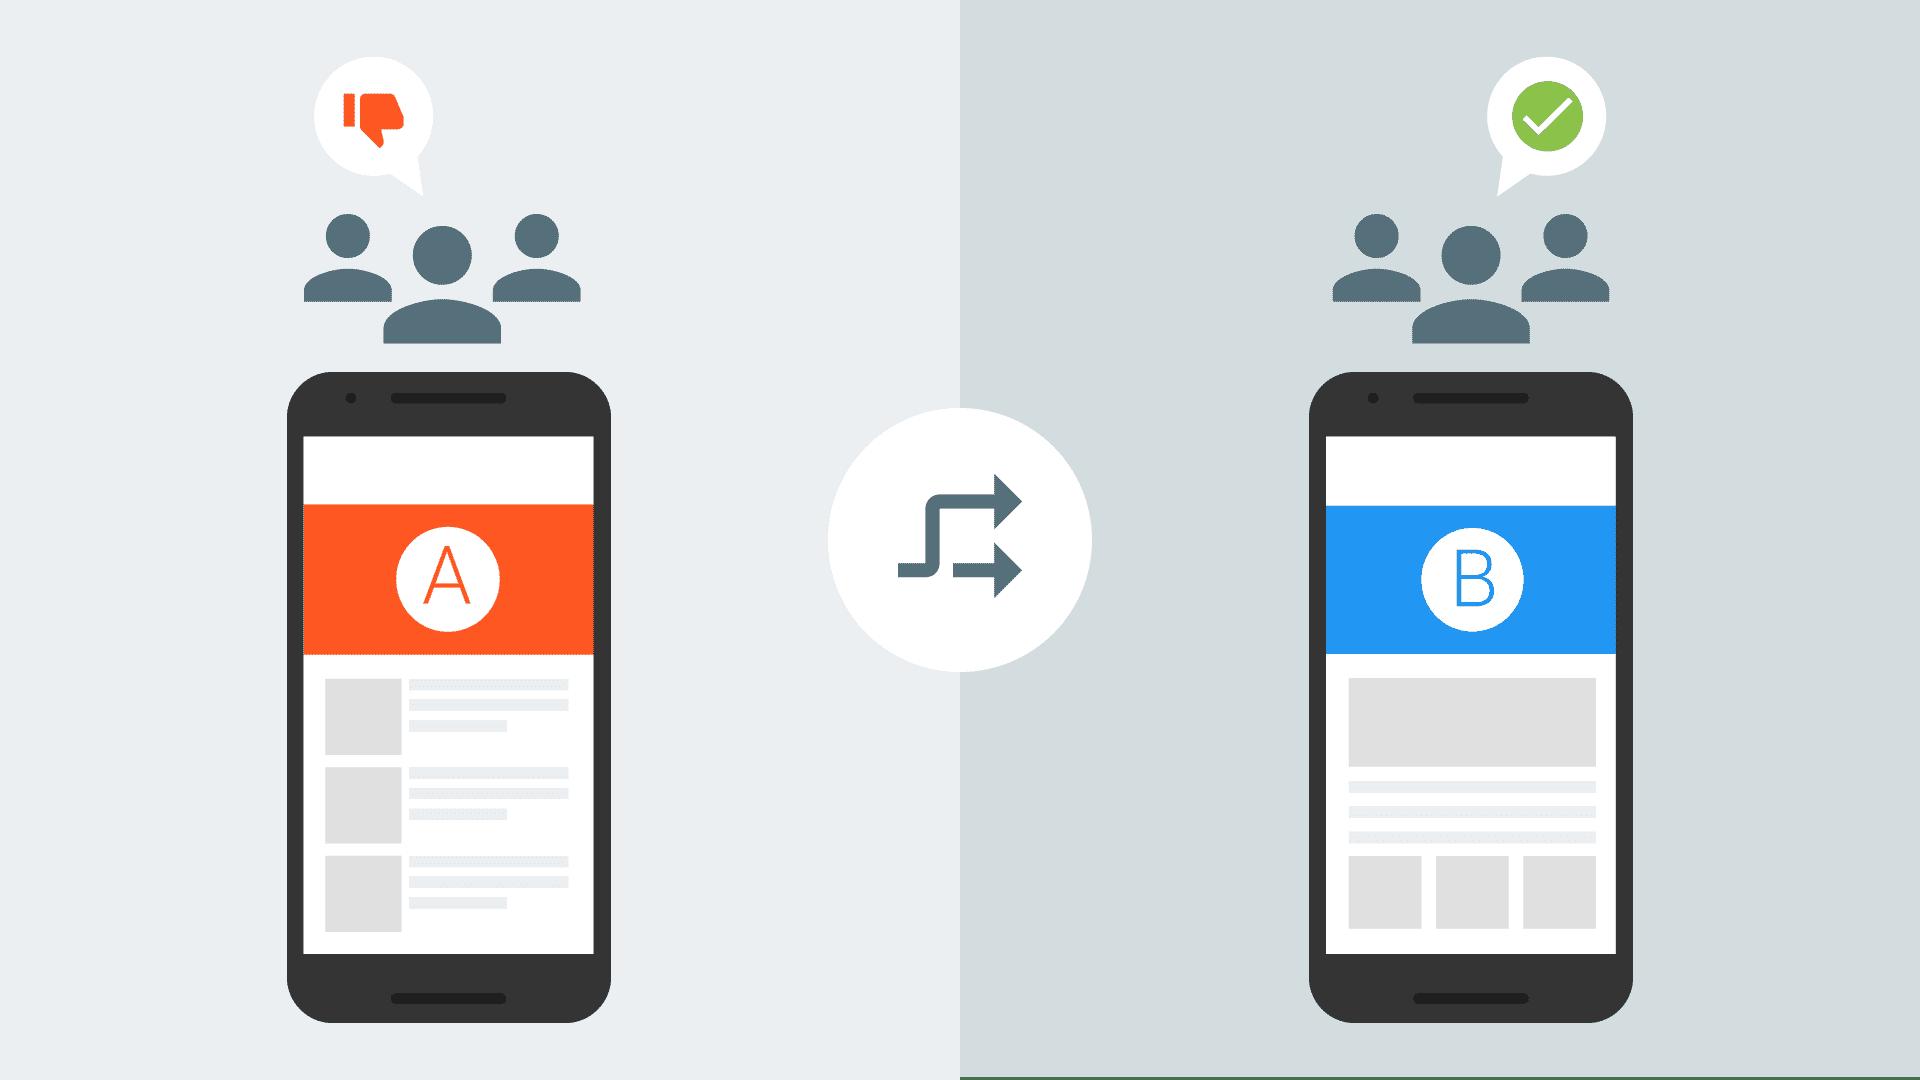 ユーザーによって異なる内容が表示されているスマートフォン